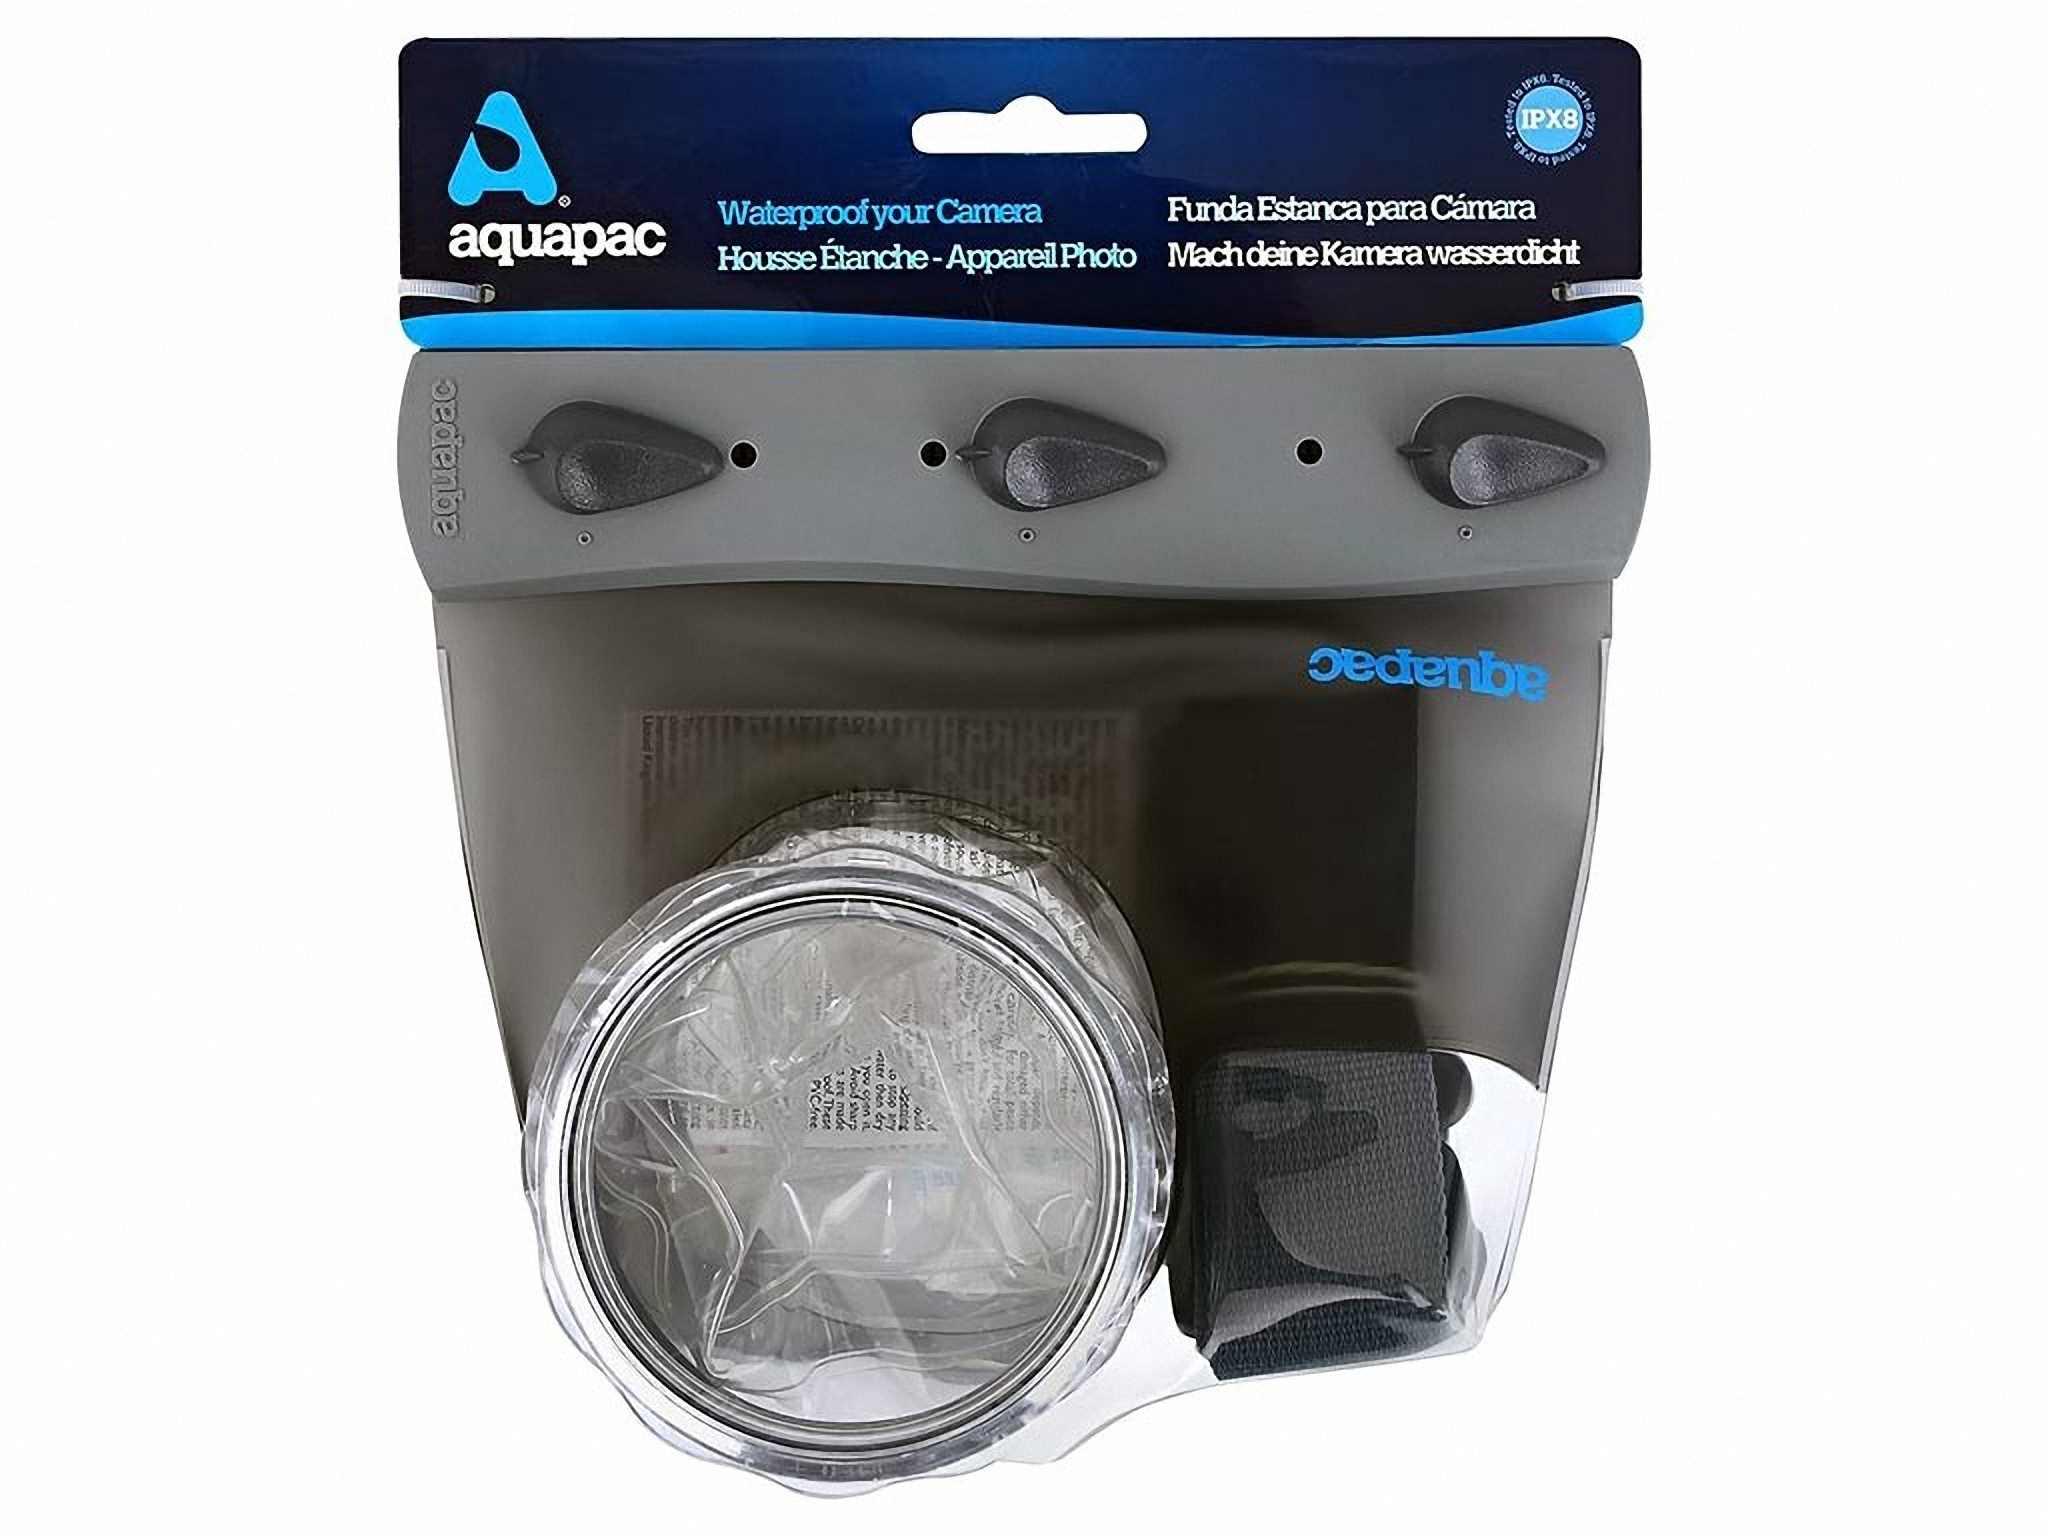 Водонепроницаемый чехол для фотоаппарата - Aquapac 451. Aquapac - №1 в мире водонепроницаемых чехлов и сумок. Фото 5